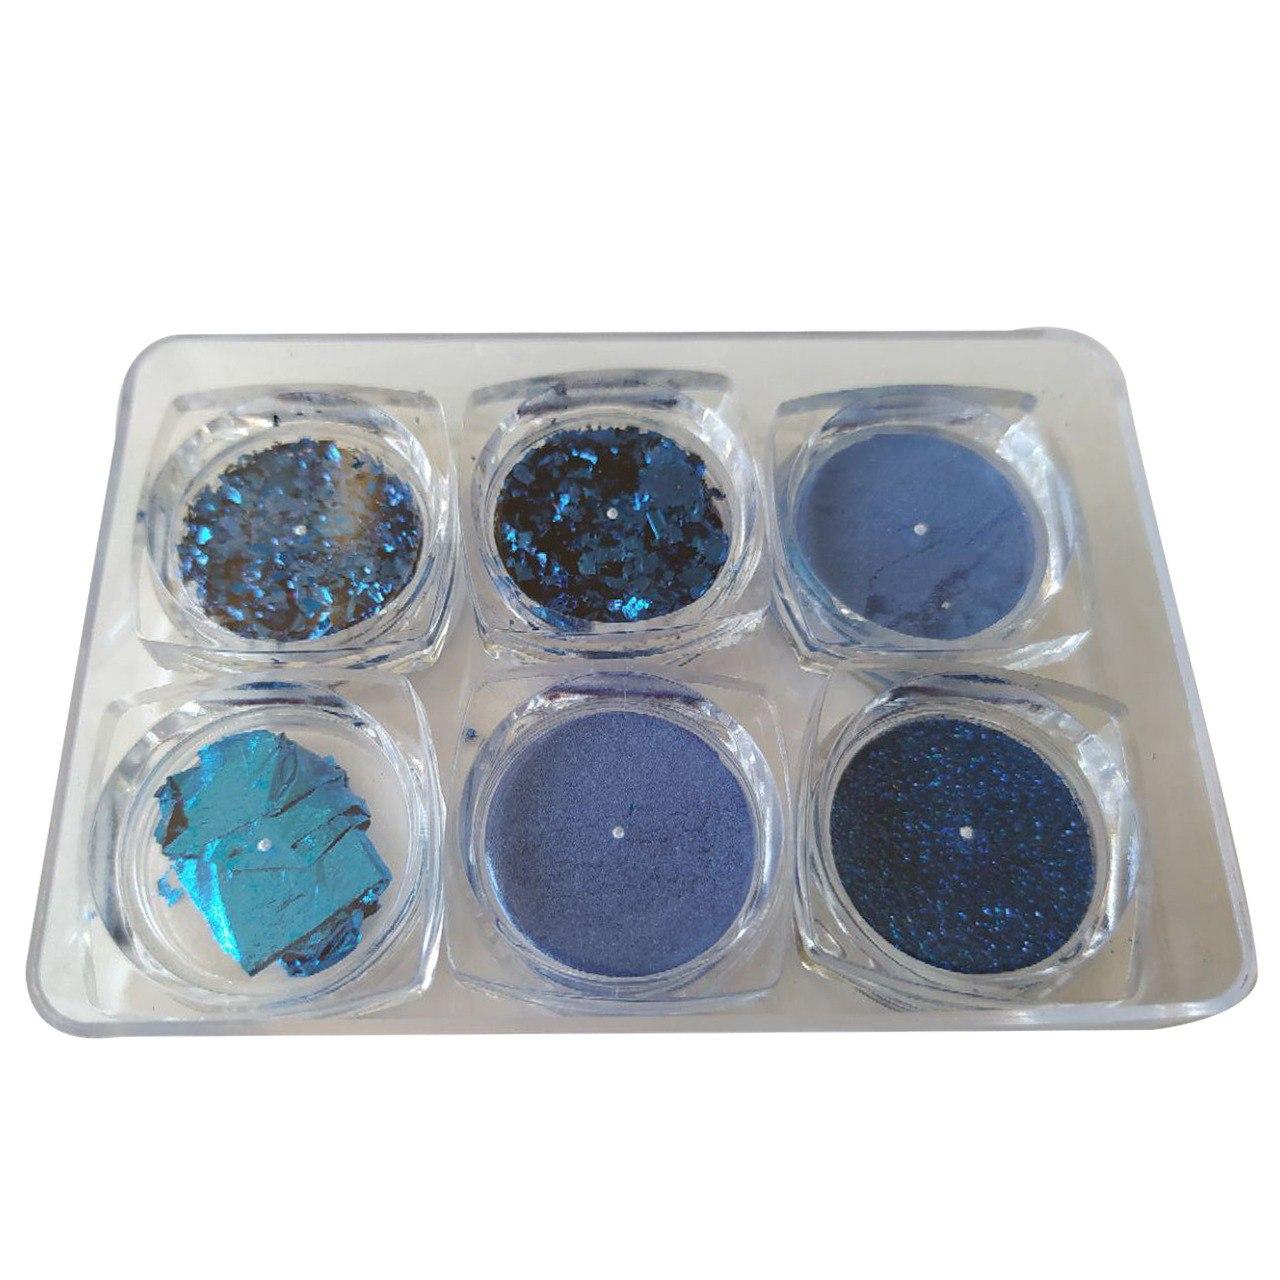 Kit Decoração Azul com 6 Unidades - D&Z